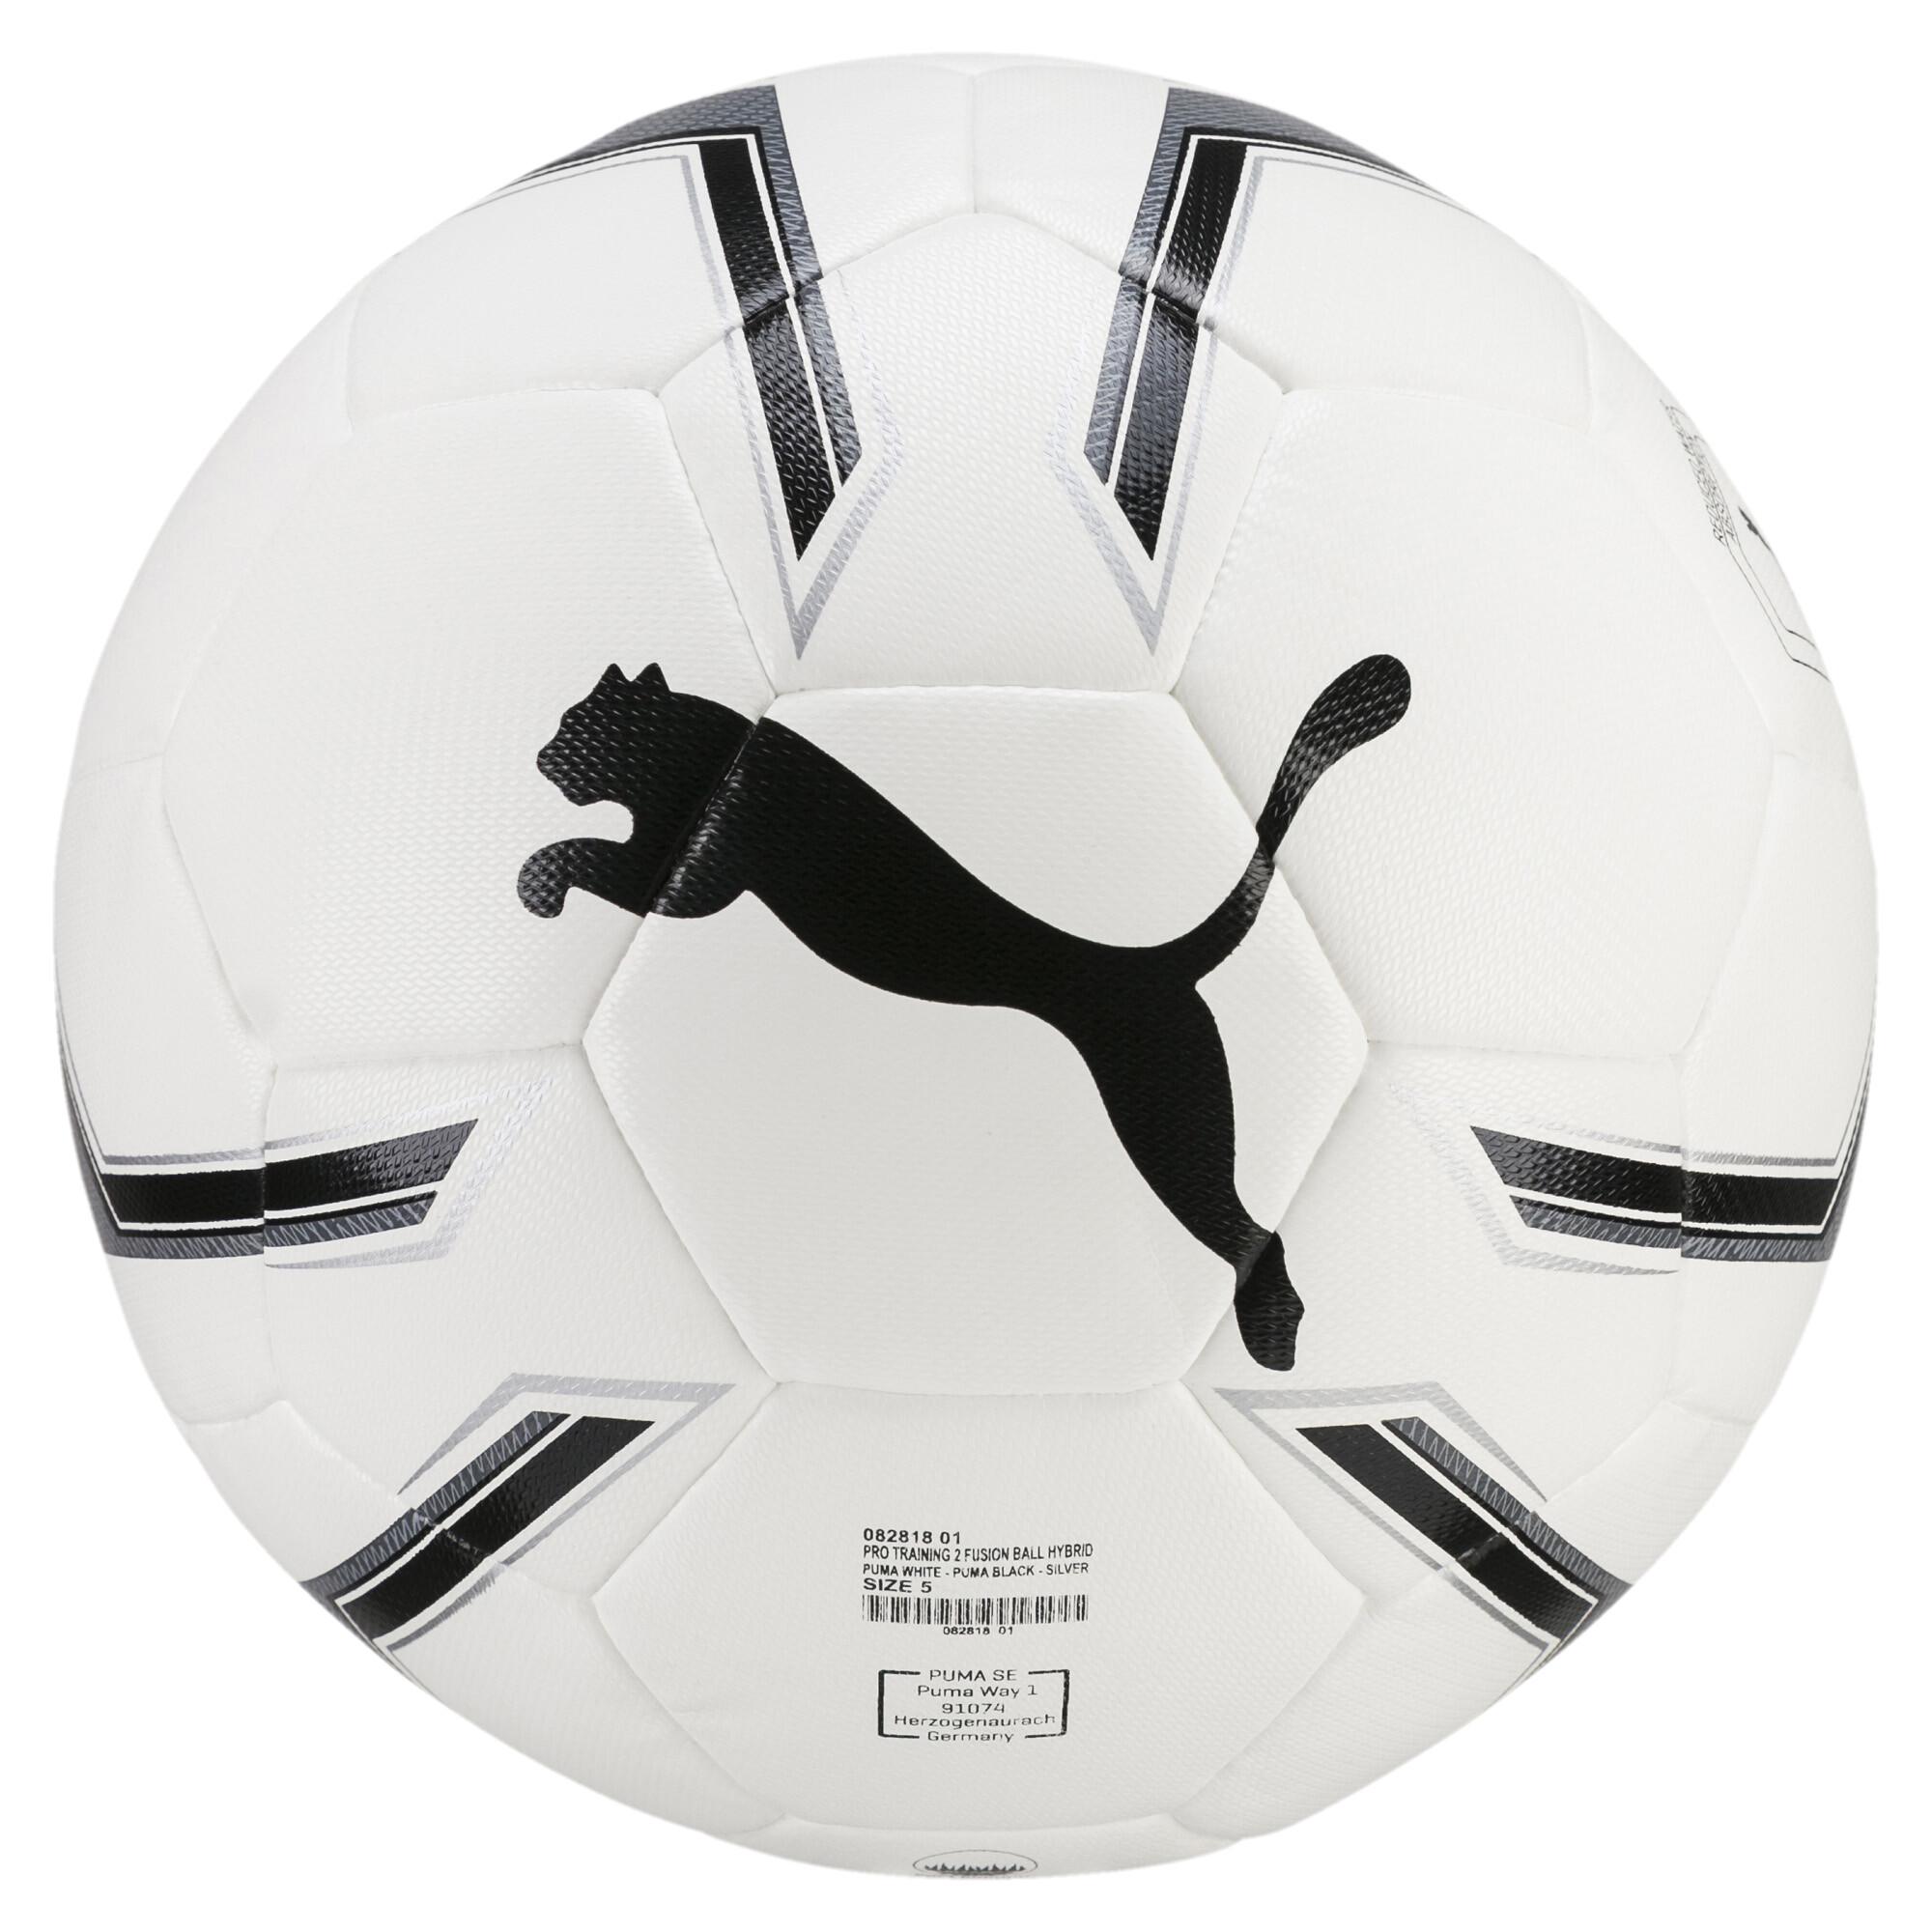 【プーマ公式通販】 プーマPTRG 2 HYB ボール J メンズ Puma White-Puma Black-Silver |PUMA.com